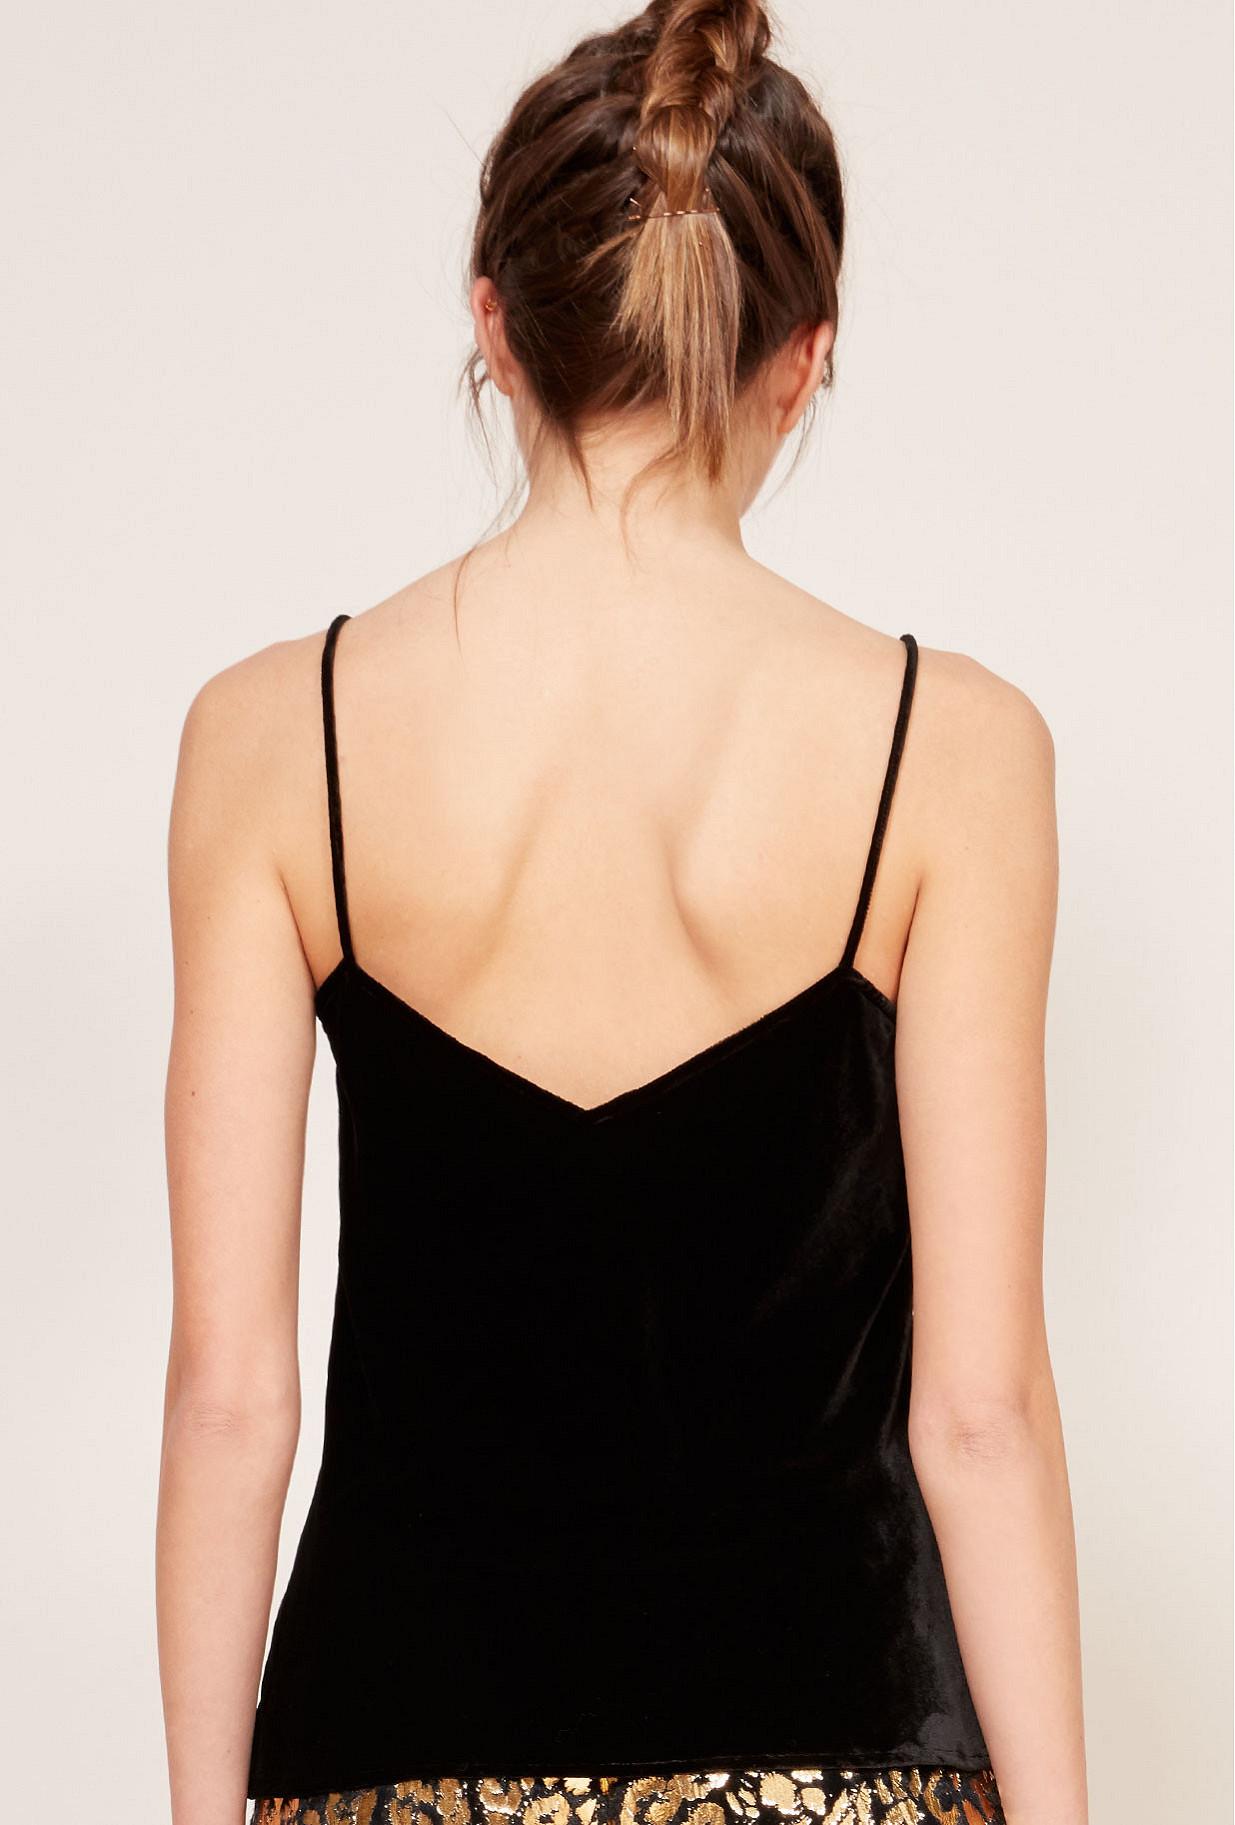 Paris clothes store Top  Met french designer fashion Paris